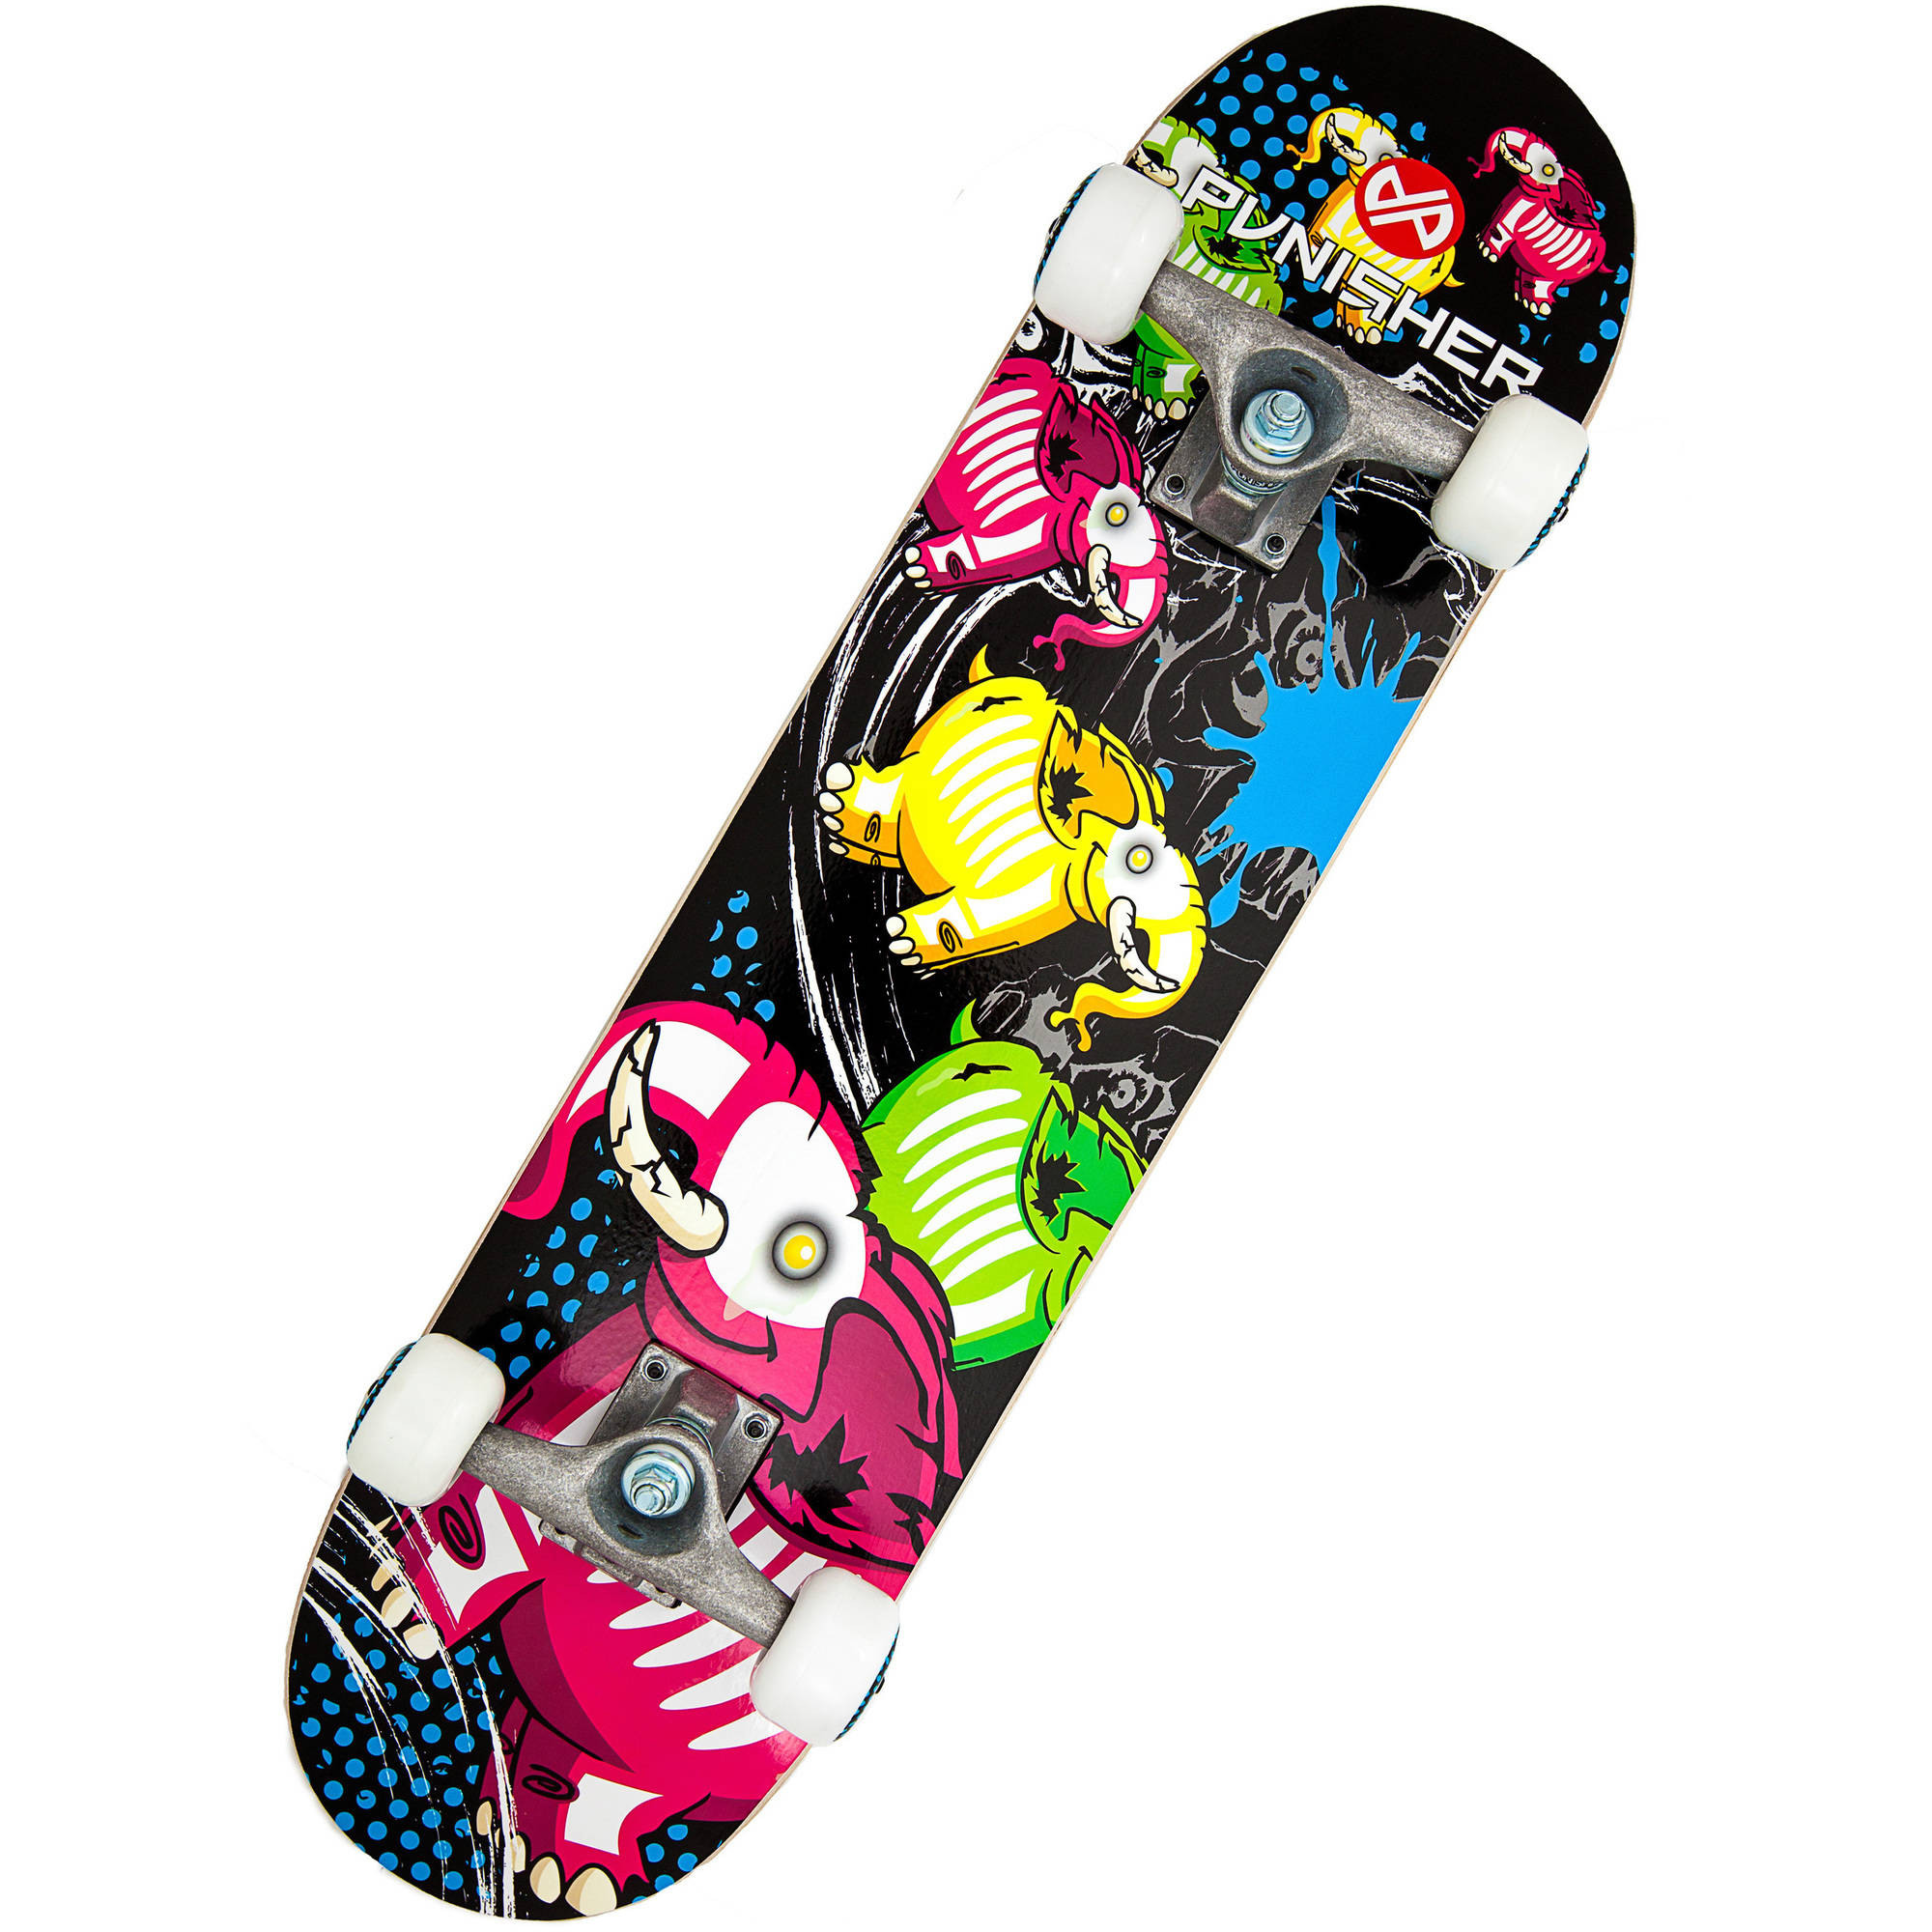 """Punisher Skateboards Elephantasm 31.5"""" ABEC-7 Complete Skateboard by Generic"""